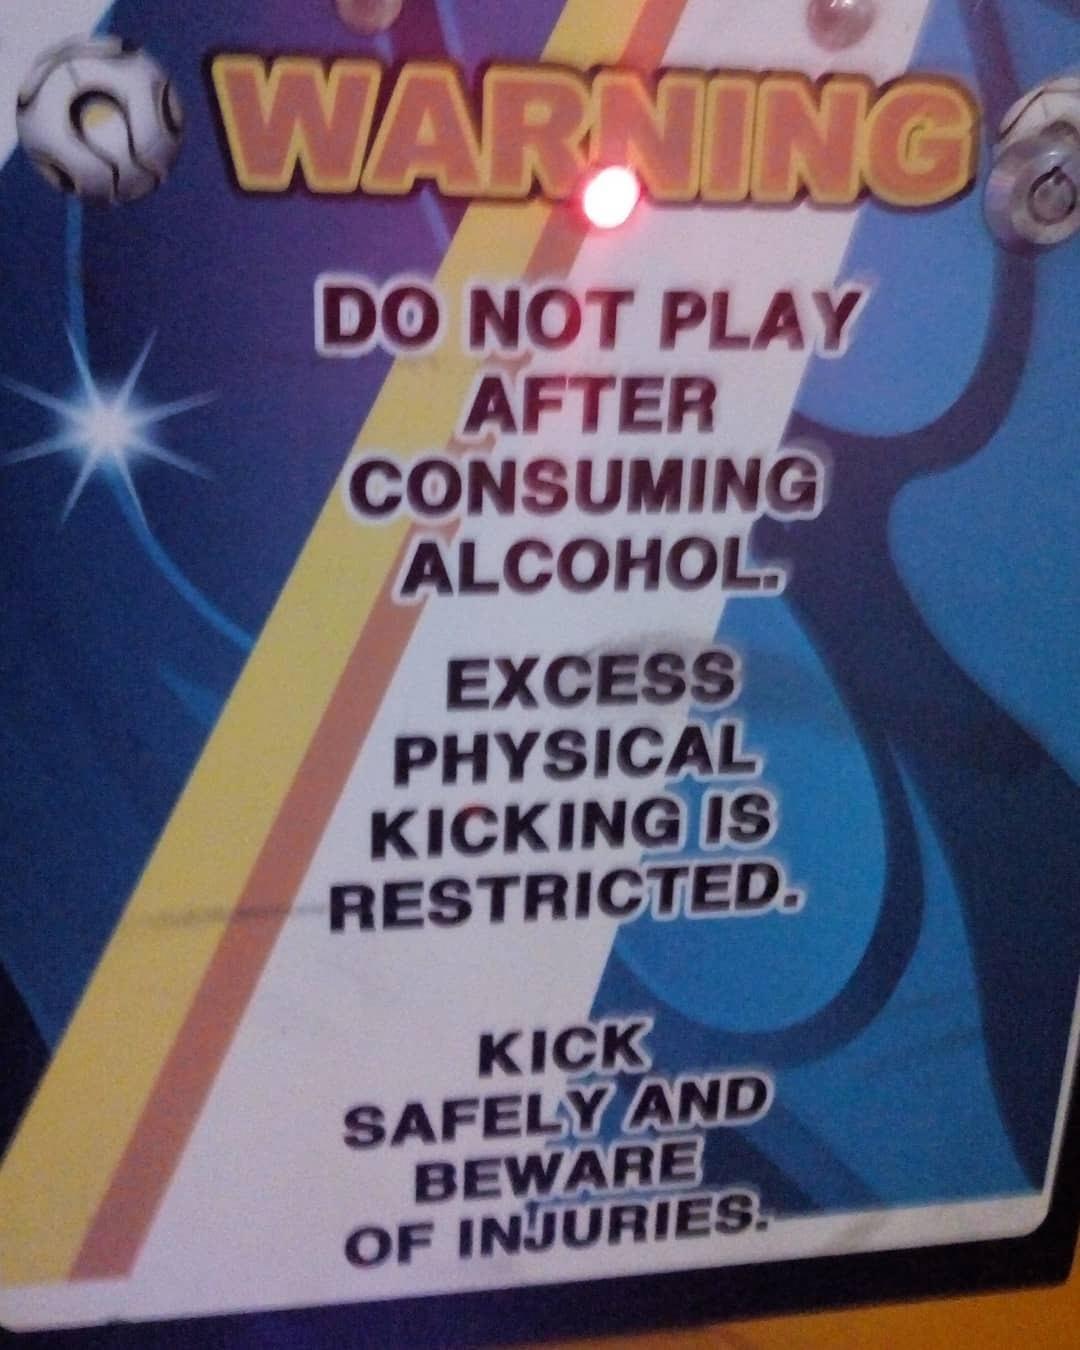 Máquina de arcade dice en Inglés: No jugar después de consumir alcohol. Patear excesivamente está prohibido. Patée con seguridad y tenga precaución.